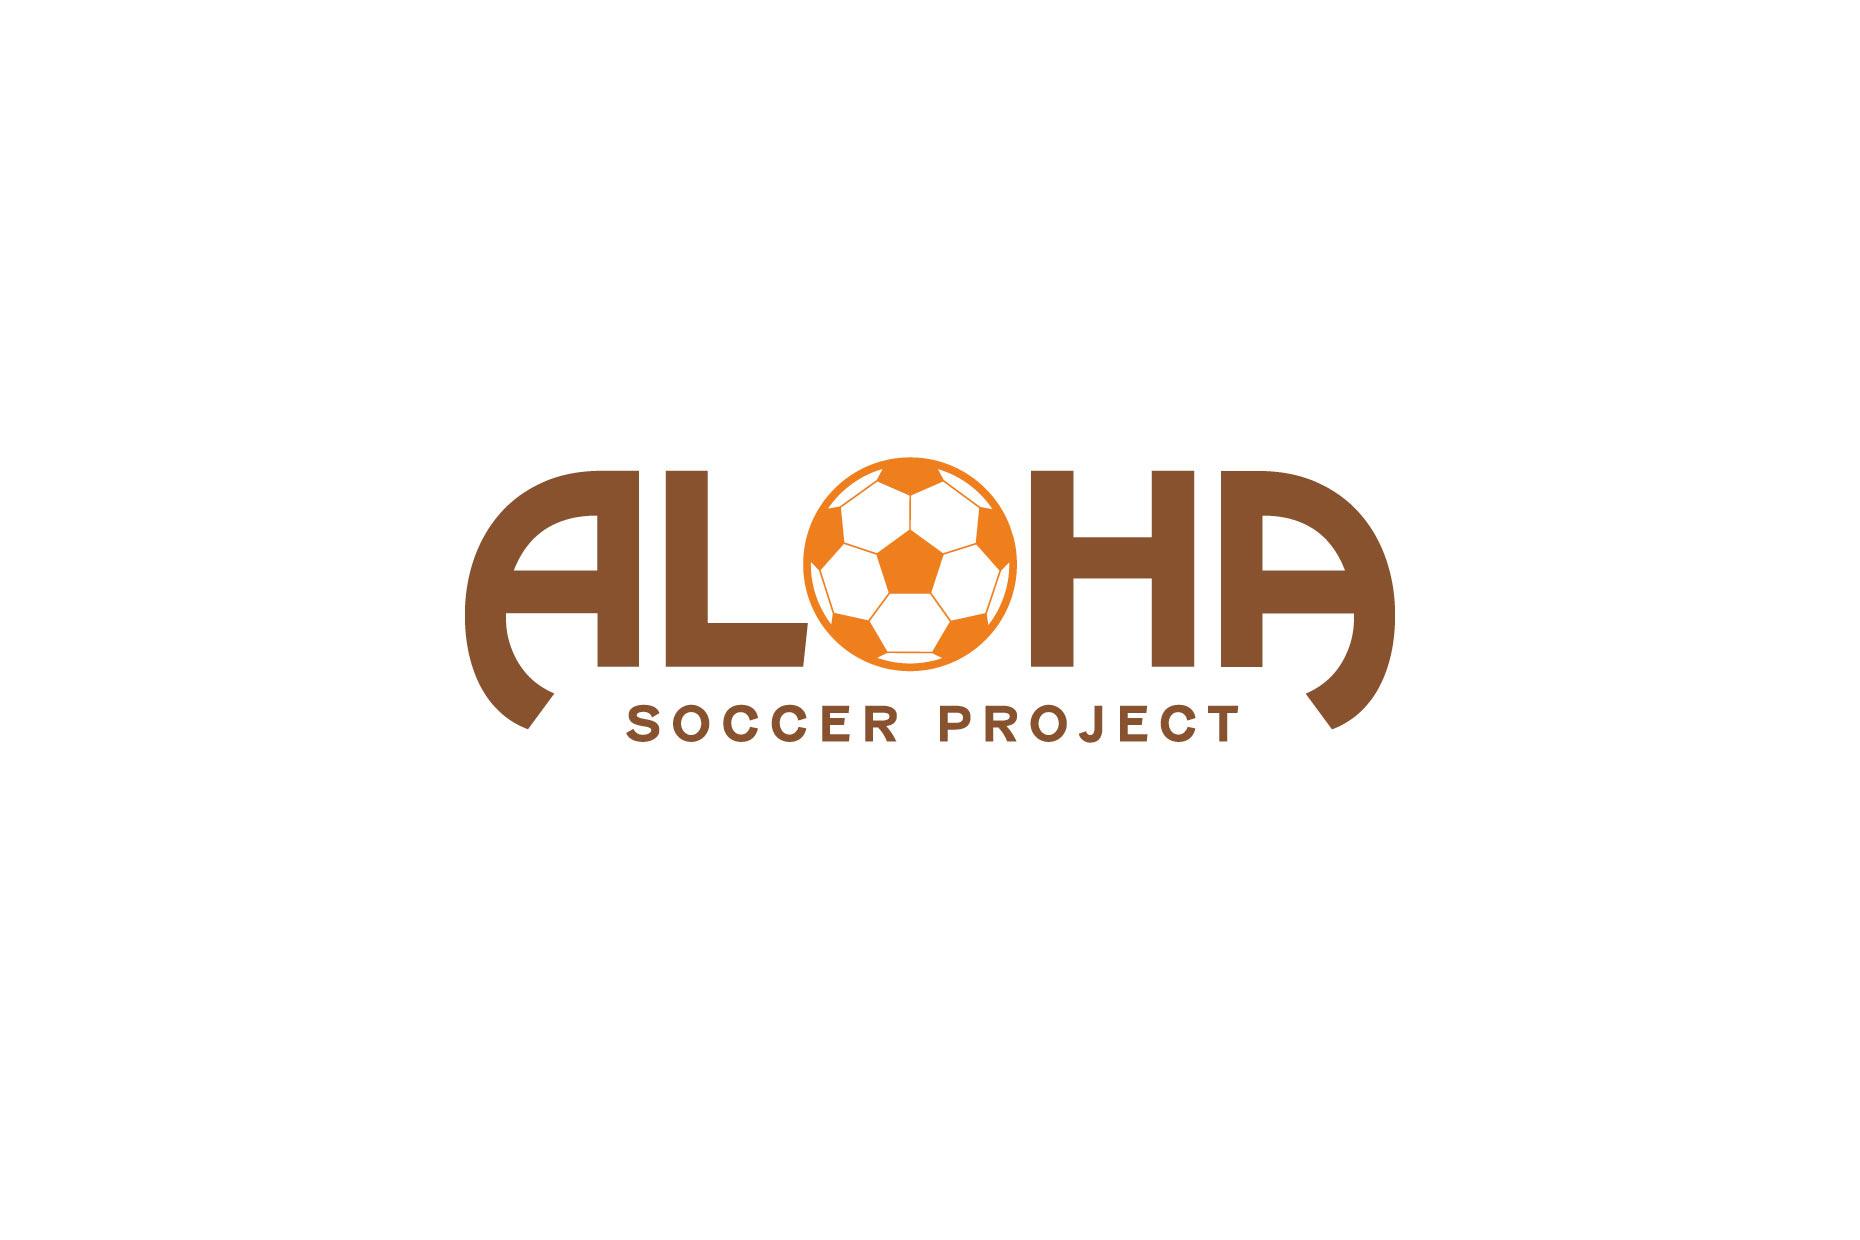 Aloha Soccer Project logo